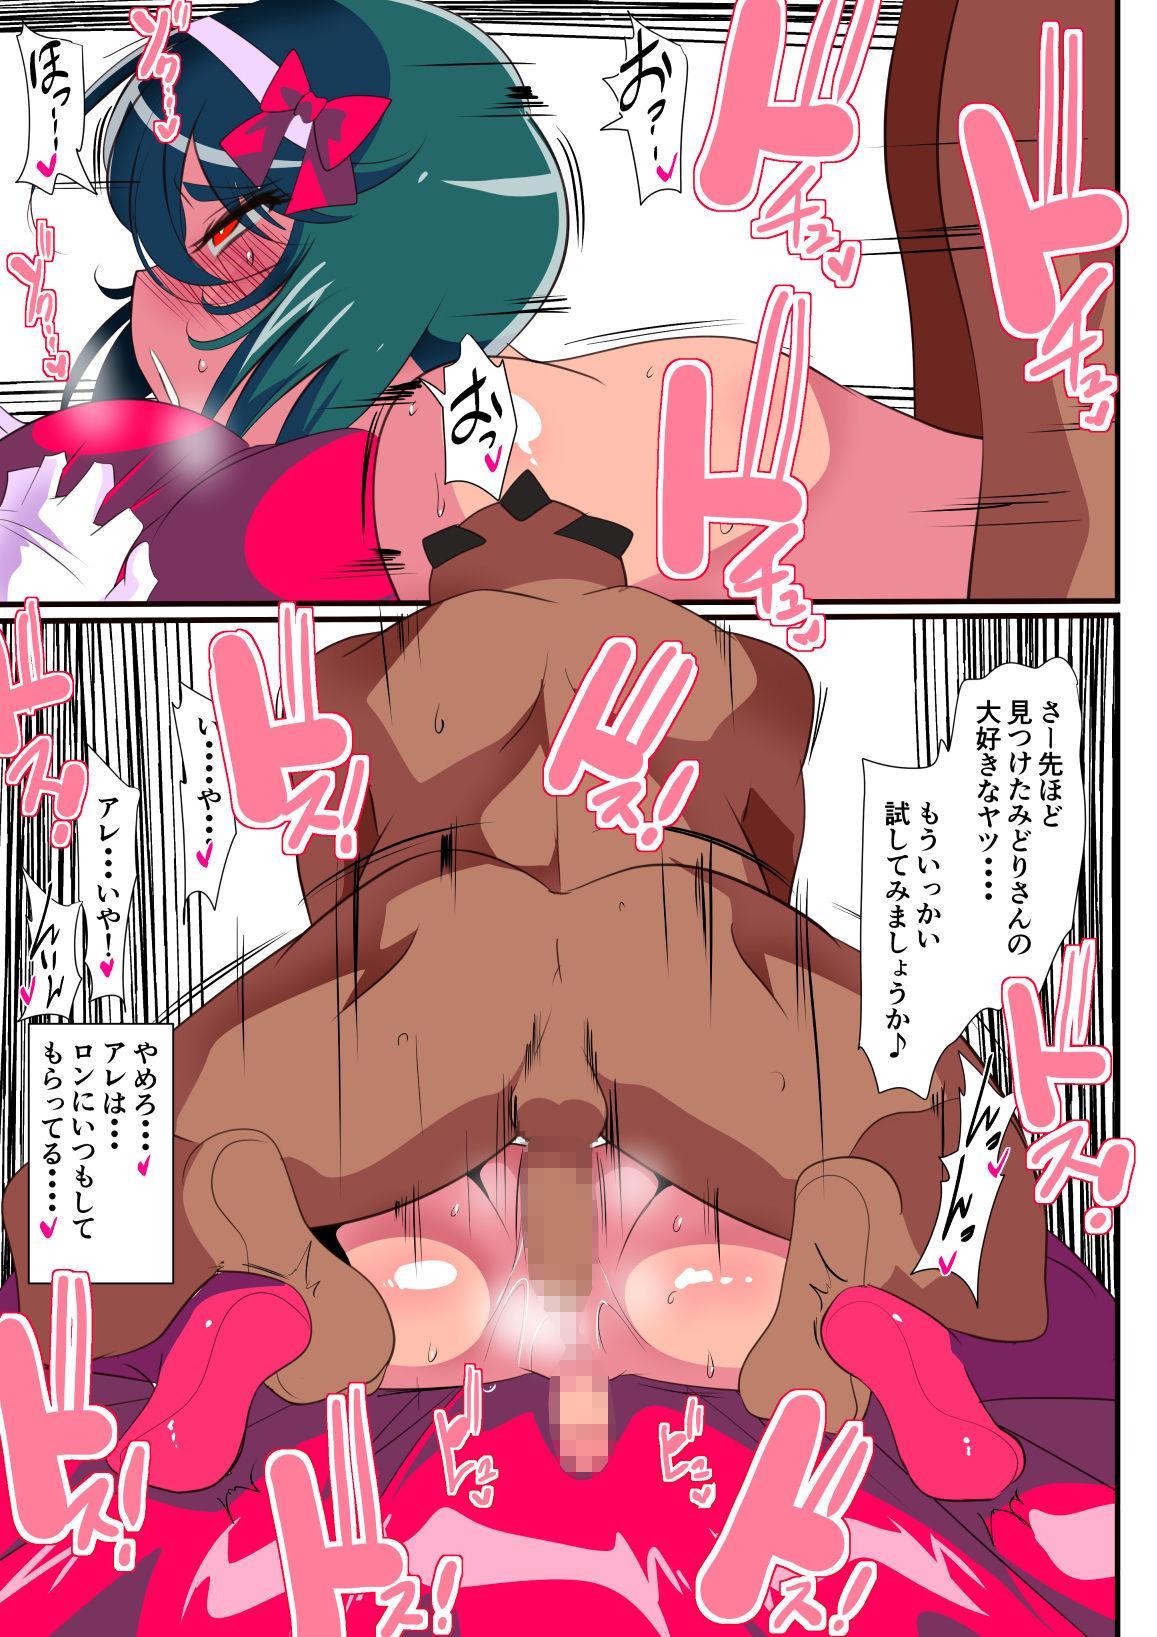 Taimadouteishi Midori Ero 03 JK Taimashi VS Futanari Choukyoushi! 18